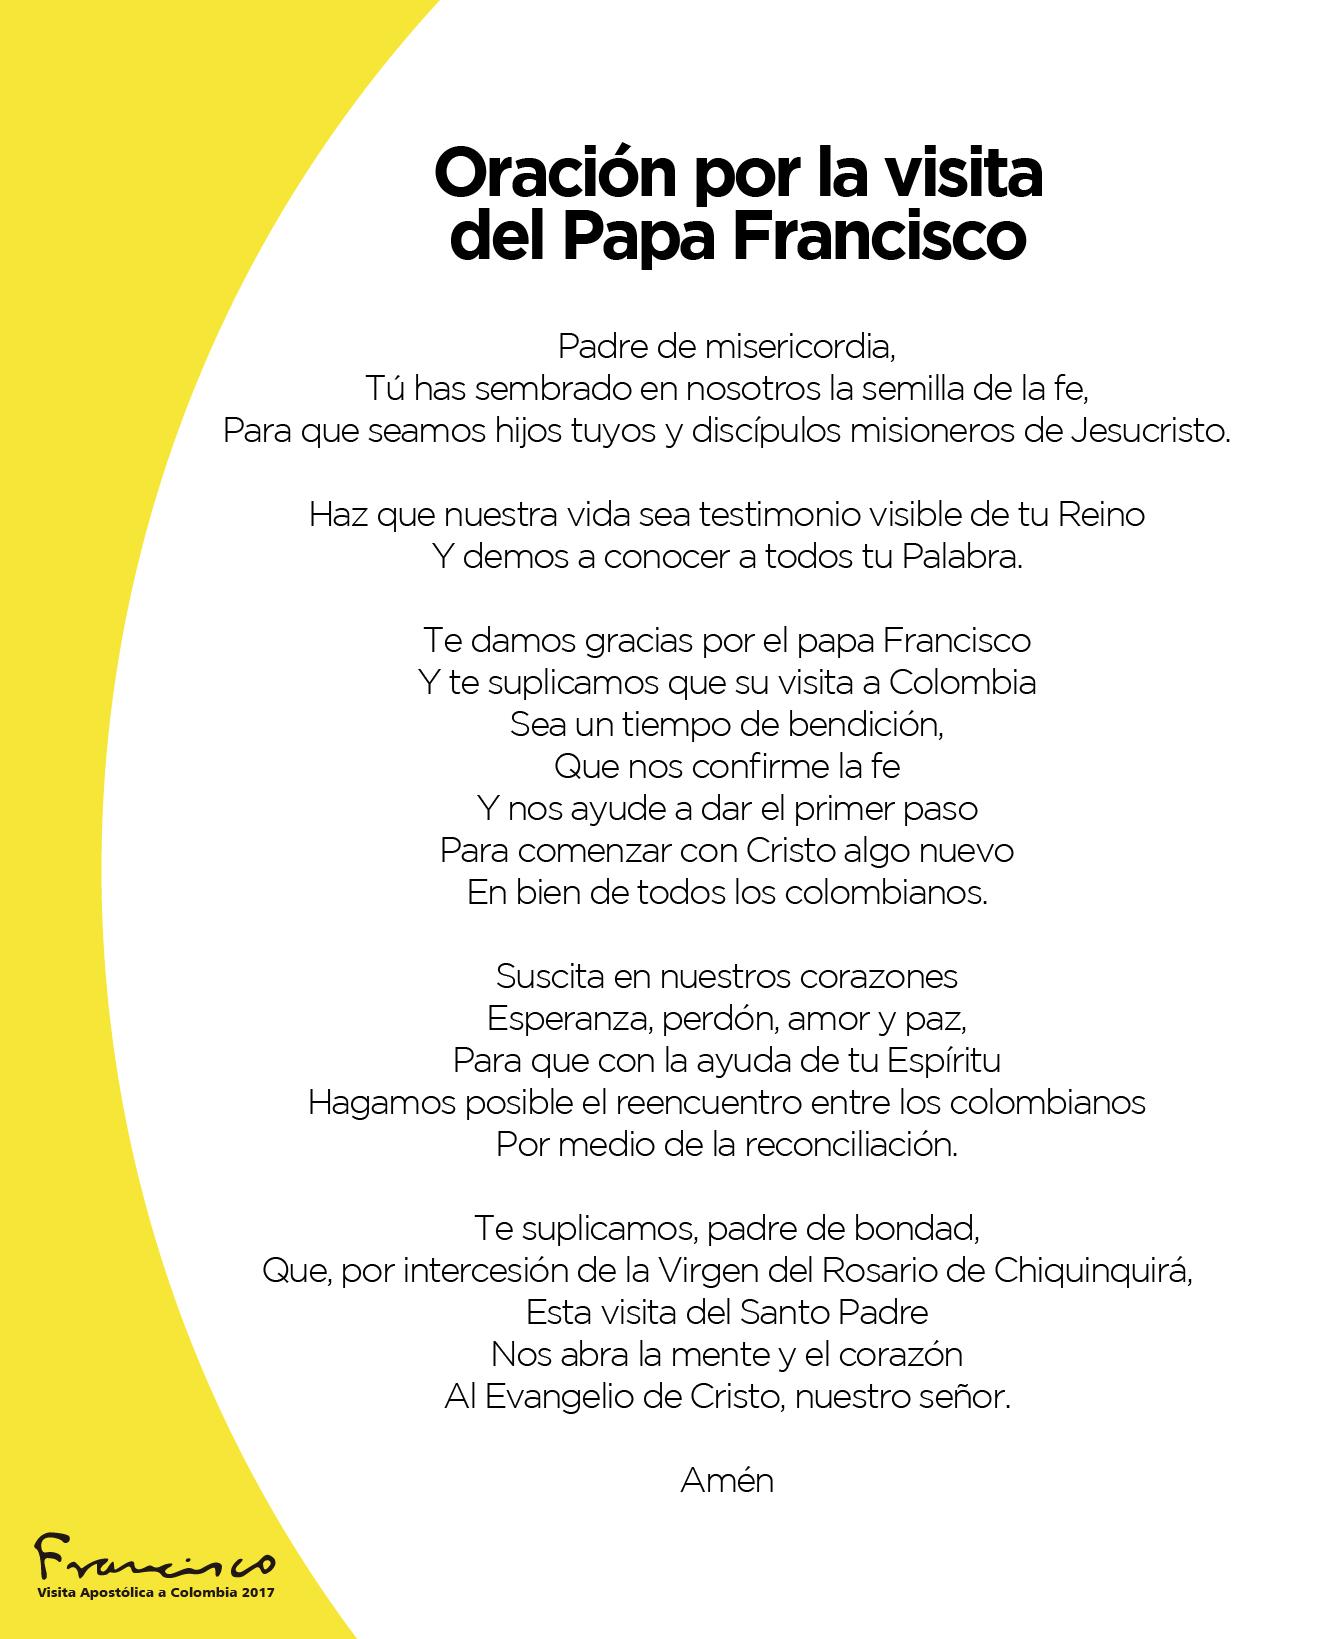 Oración oficial del papa francisco